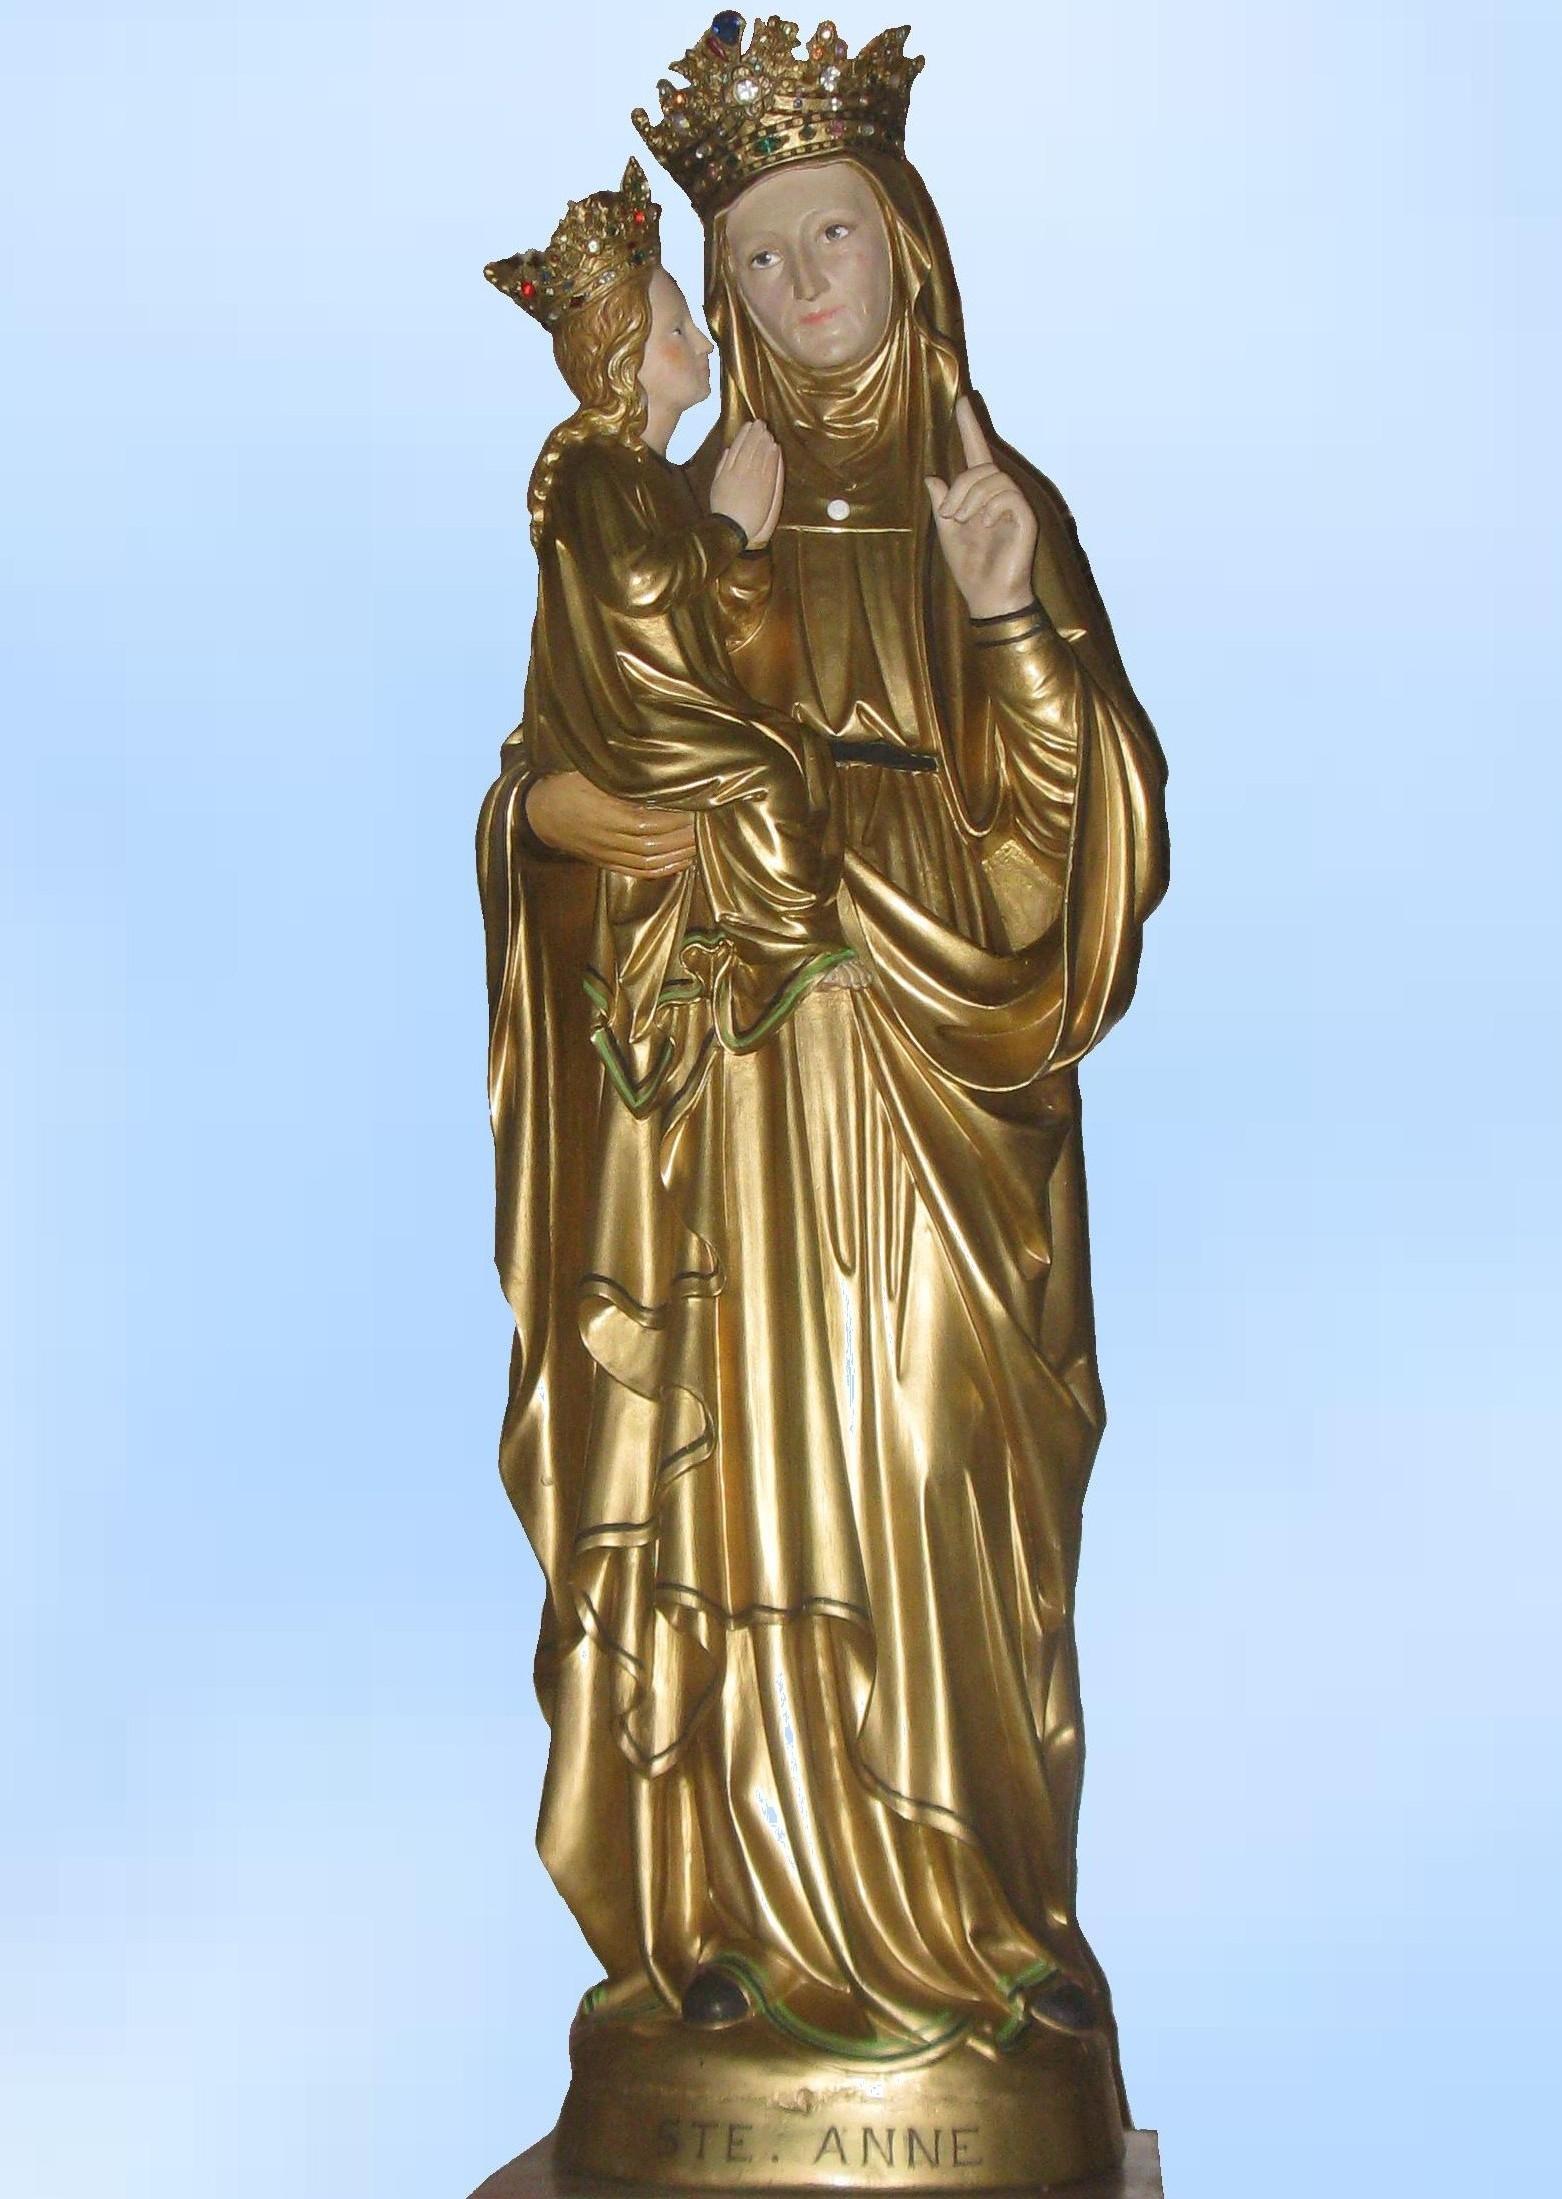 Le CULTE & le PATRONAGE de SAINTE ANNE par le R.P. Mermillod - Page 2 Sainte-anne-qu-bec--5790469